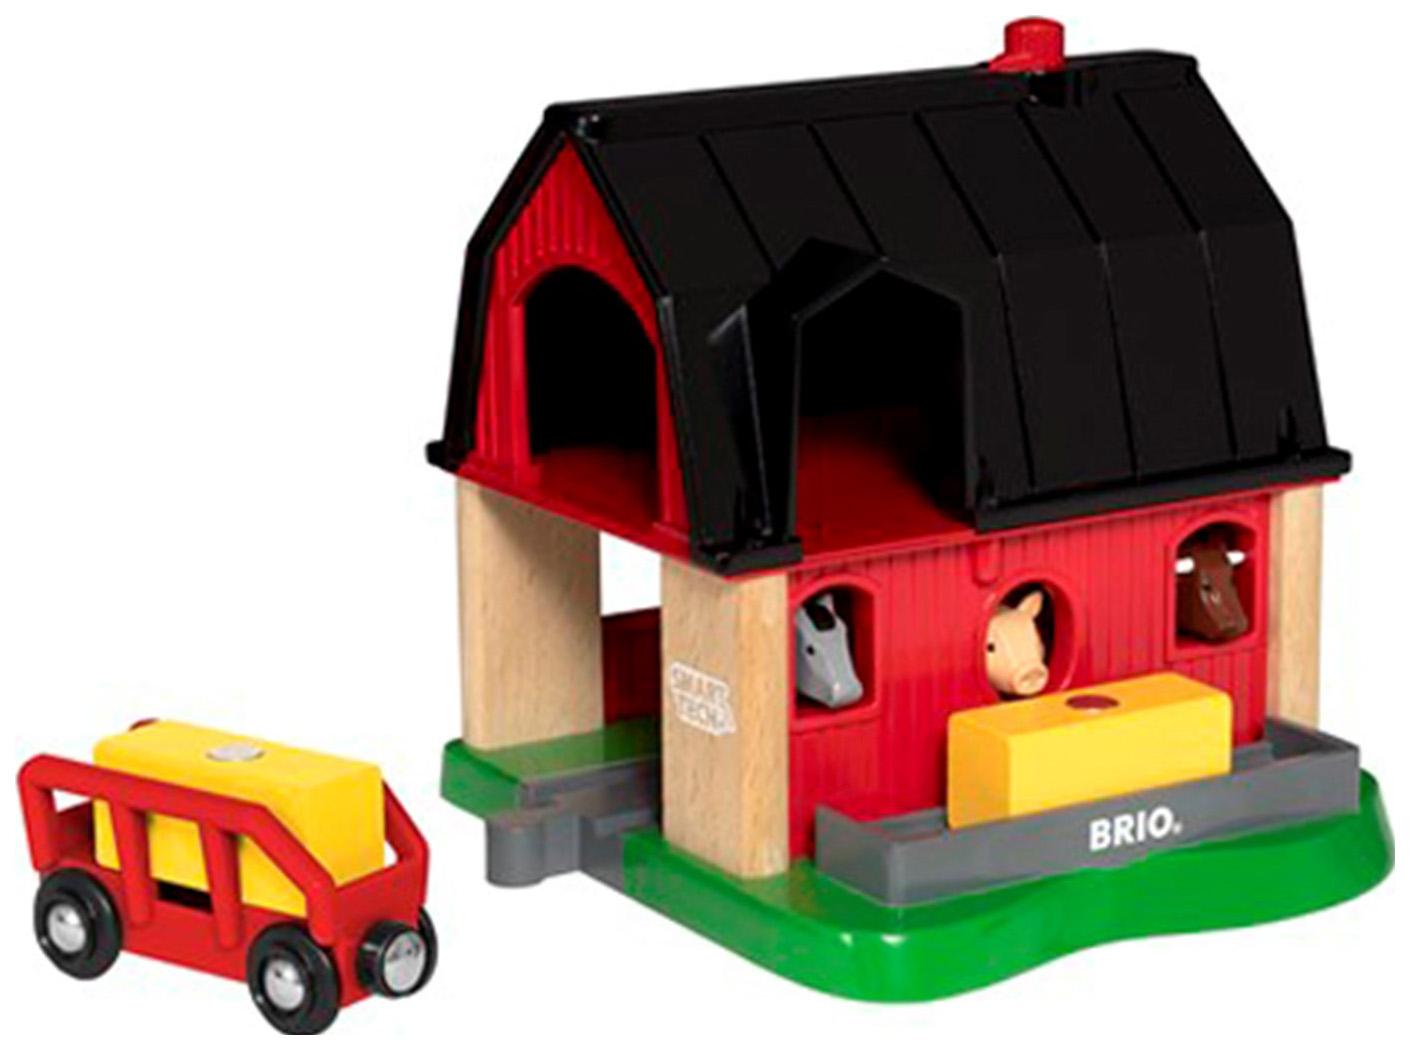 Купить Ферма BRIO Smart Tech для деревянной железной дороги, Детские железные дороги